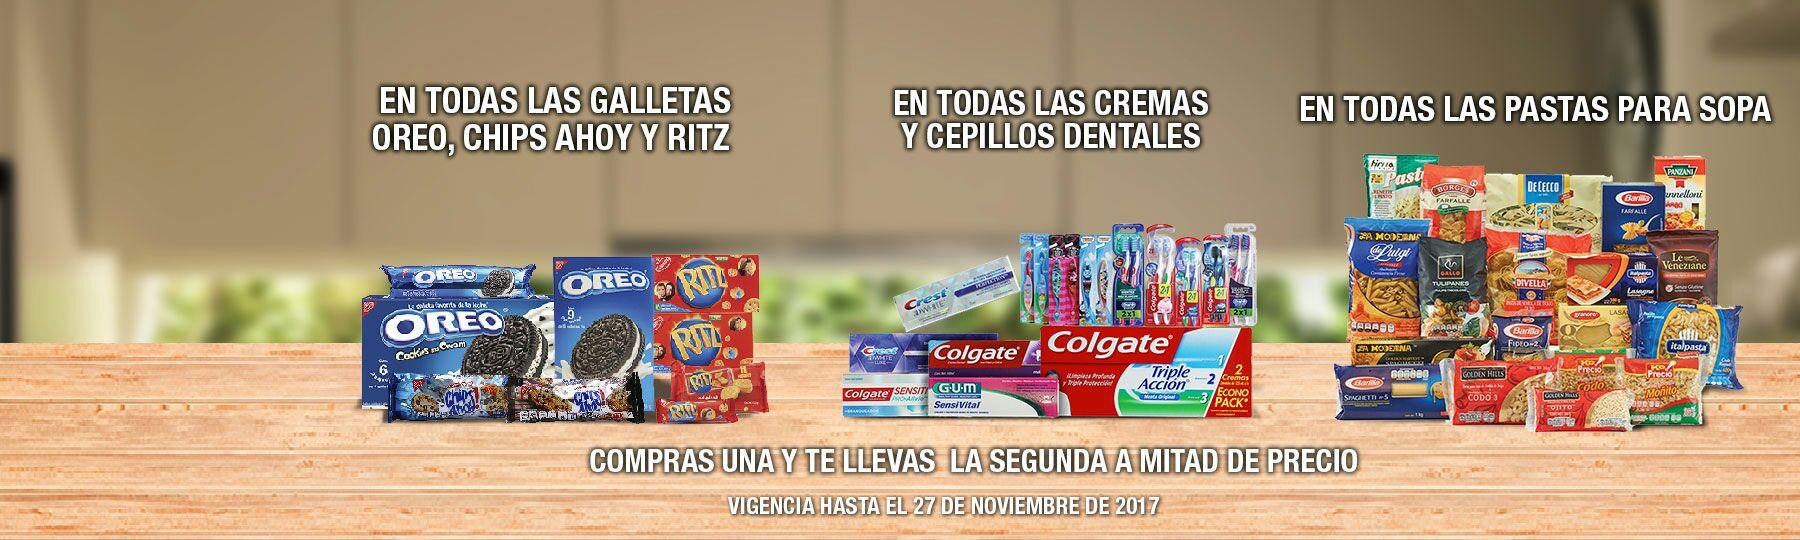 La Comer: 2 x 1 1/2 en todas cremas y cepillos dentales... en todas las galletas Oreo, Chips Ahoy y Ritz... y en pastas para sopa